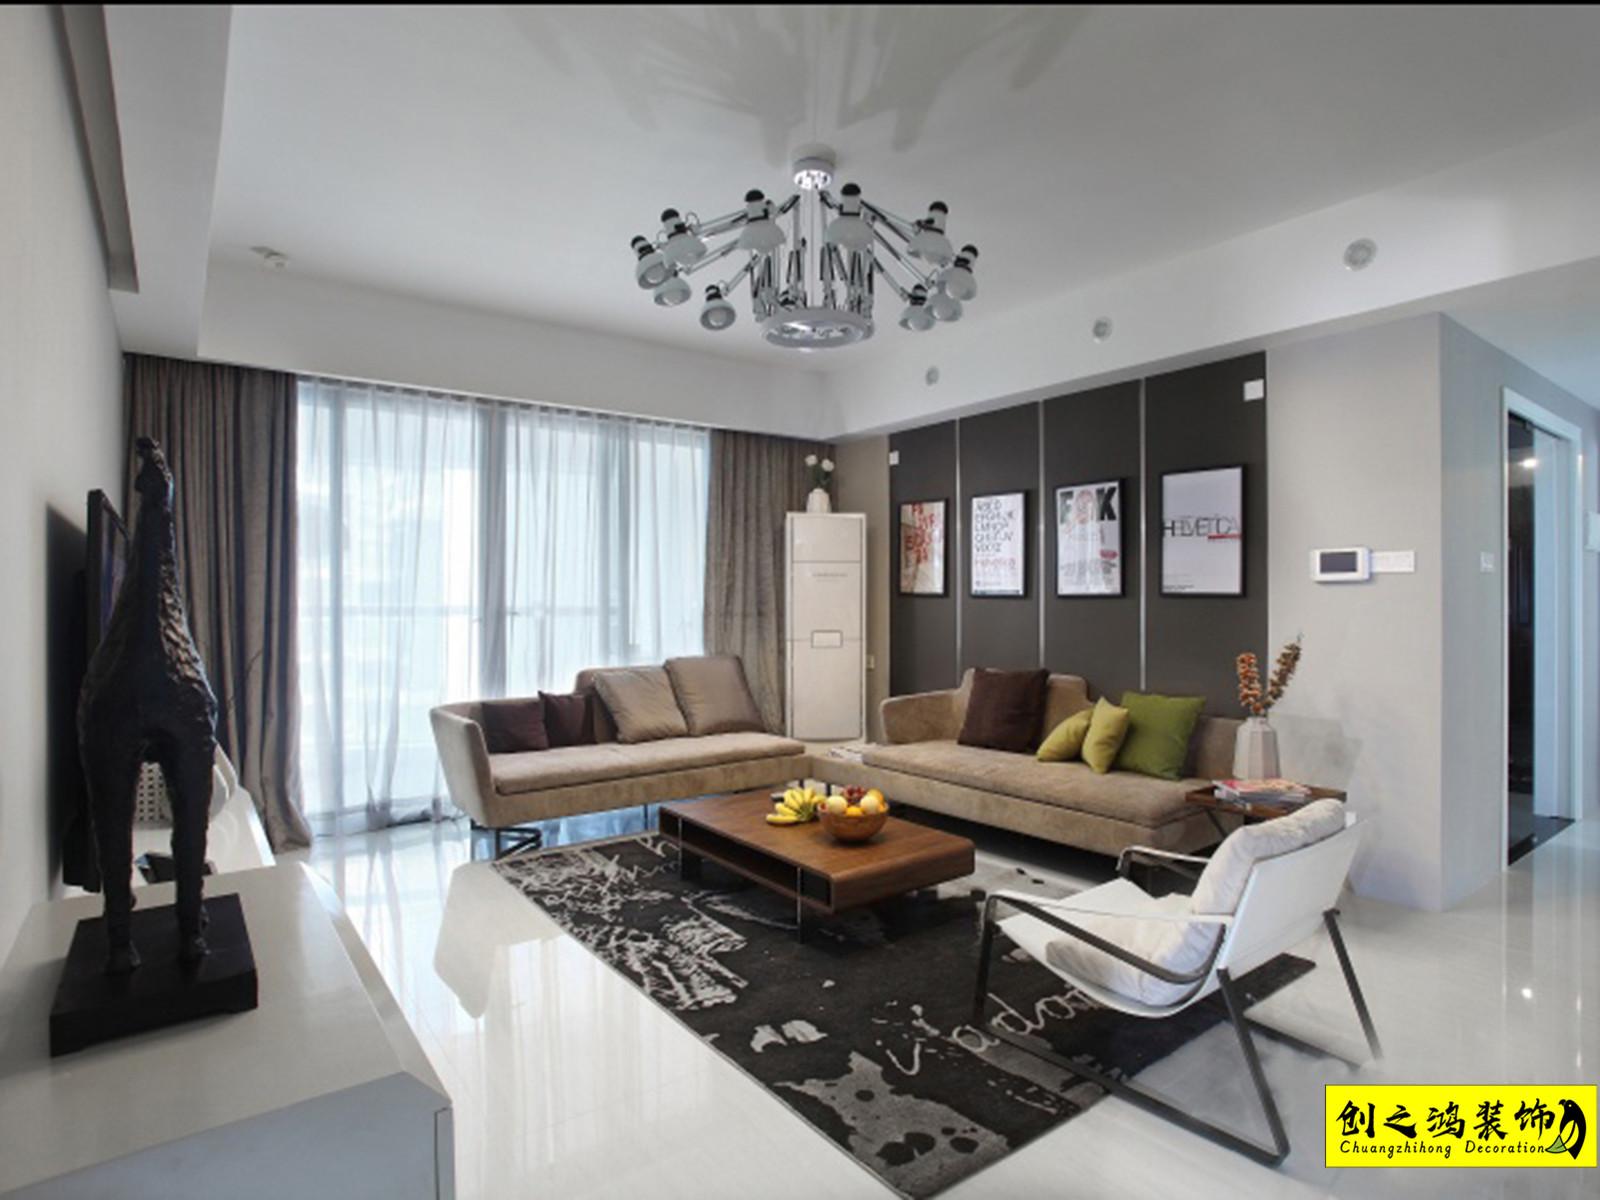 117㎡半湾半岛三室两厅现代简约风格装修效果图